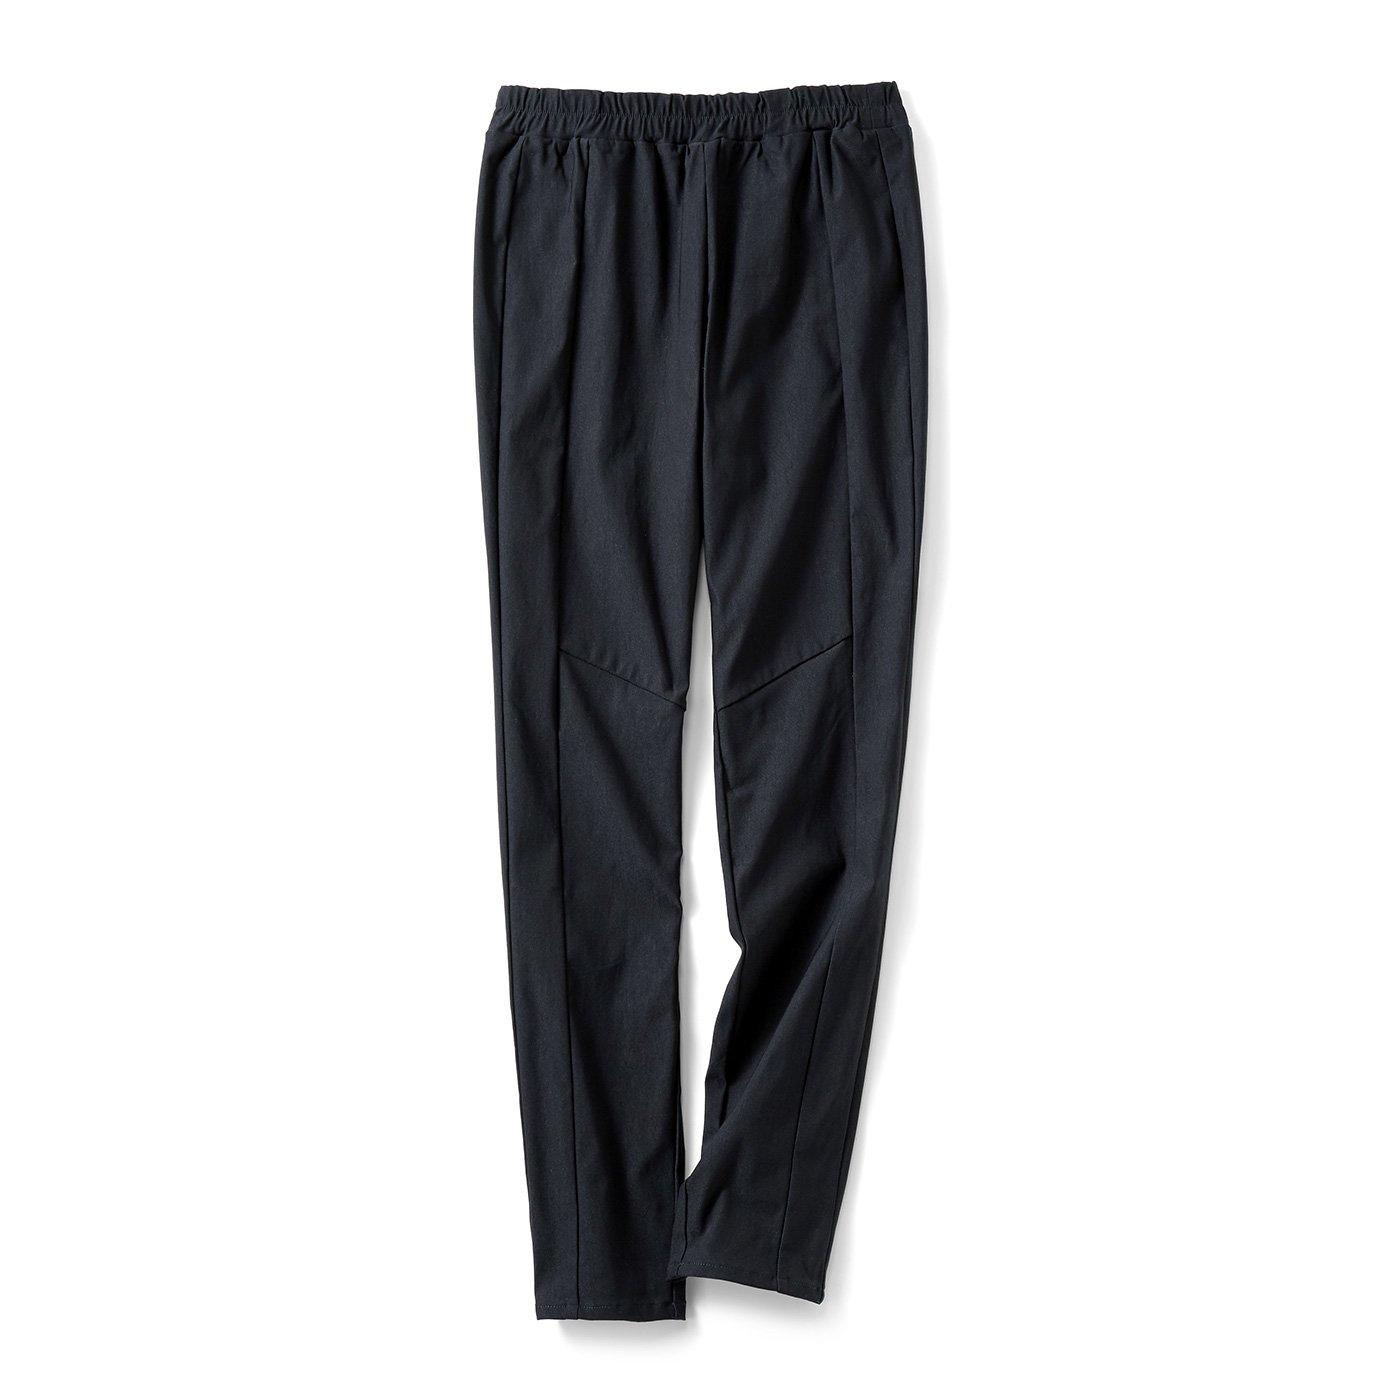 IEDIT[イディット] 伸びやかな着心地なのにきれい見え 裏起毛布はく素材のスタイルアップレギンスパンツ〈ブラック〉